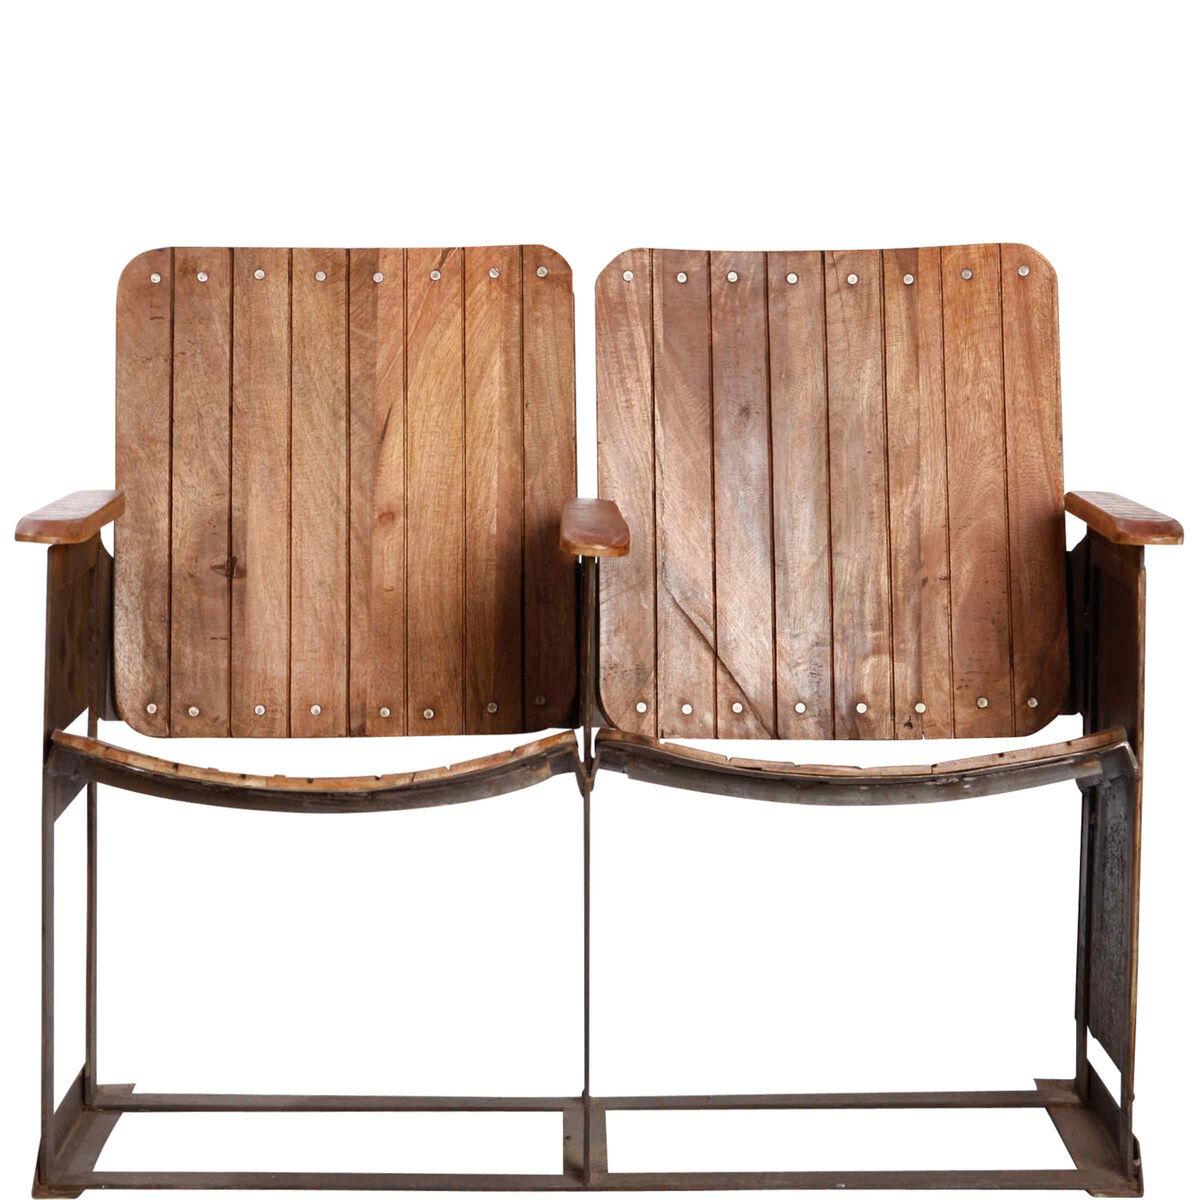 CINEMASTER Kino-Stuhlreihe